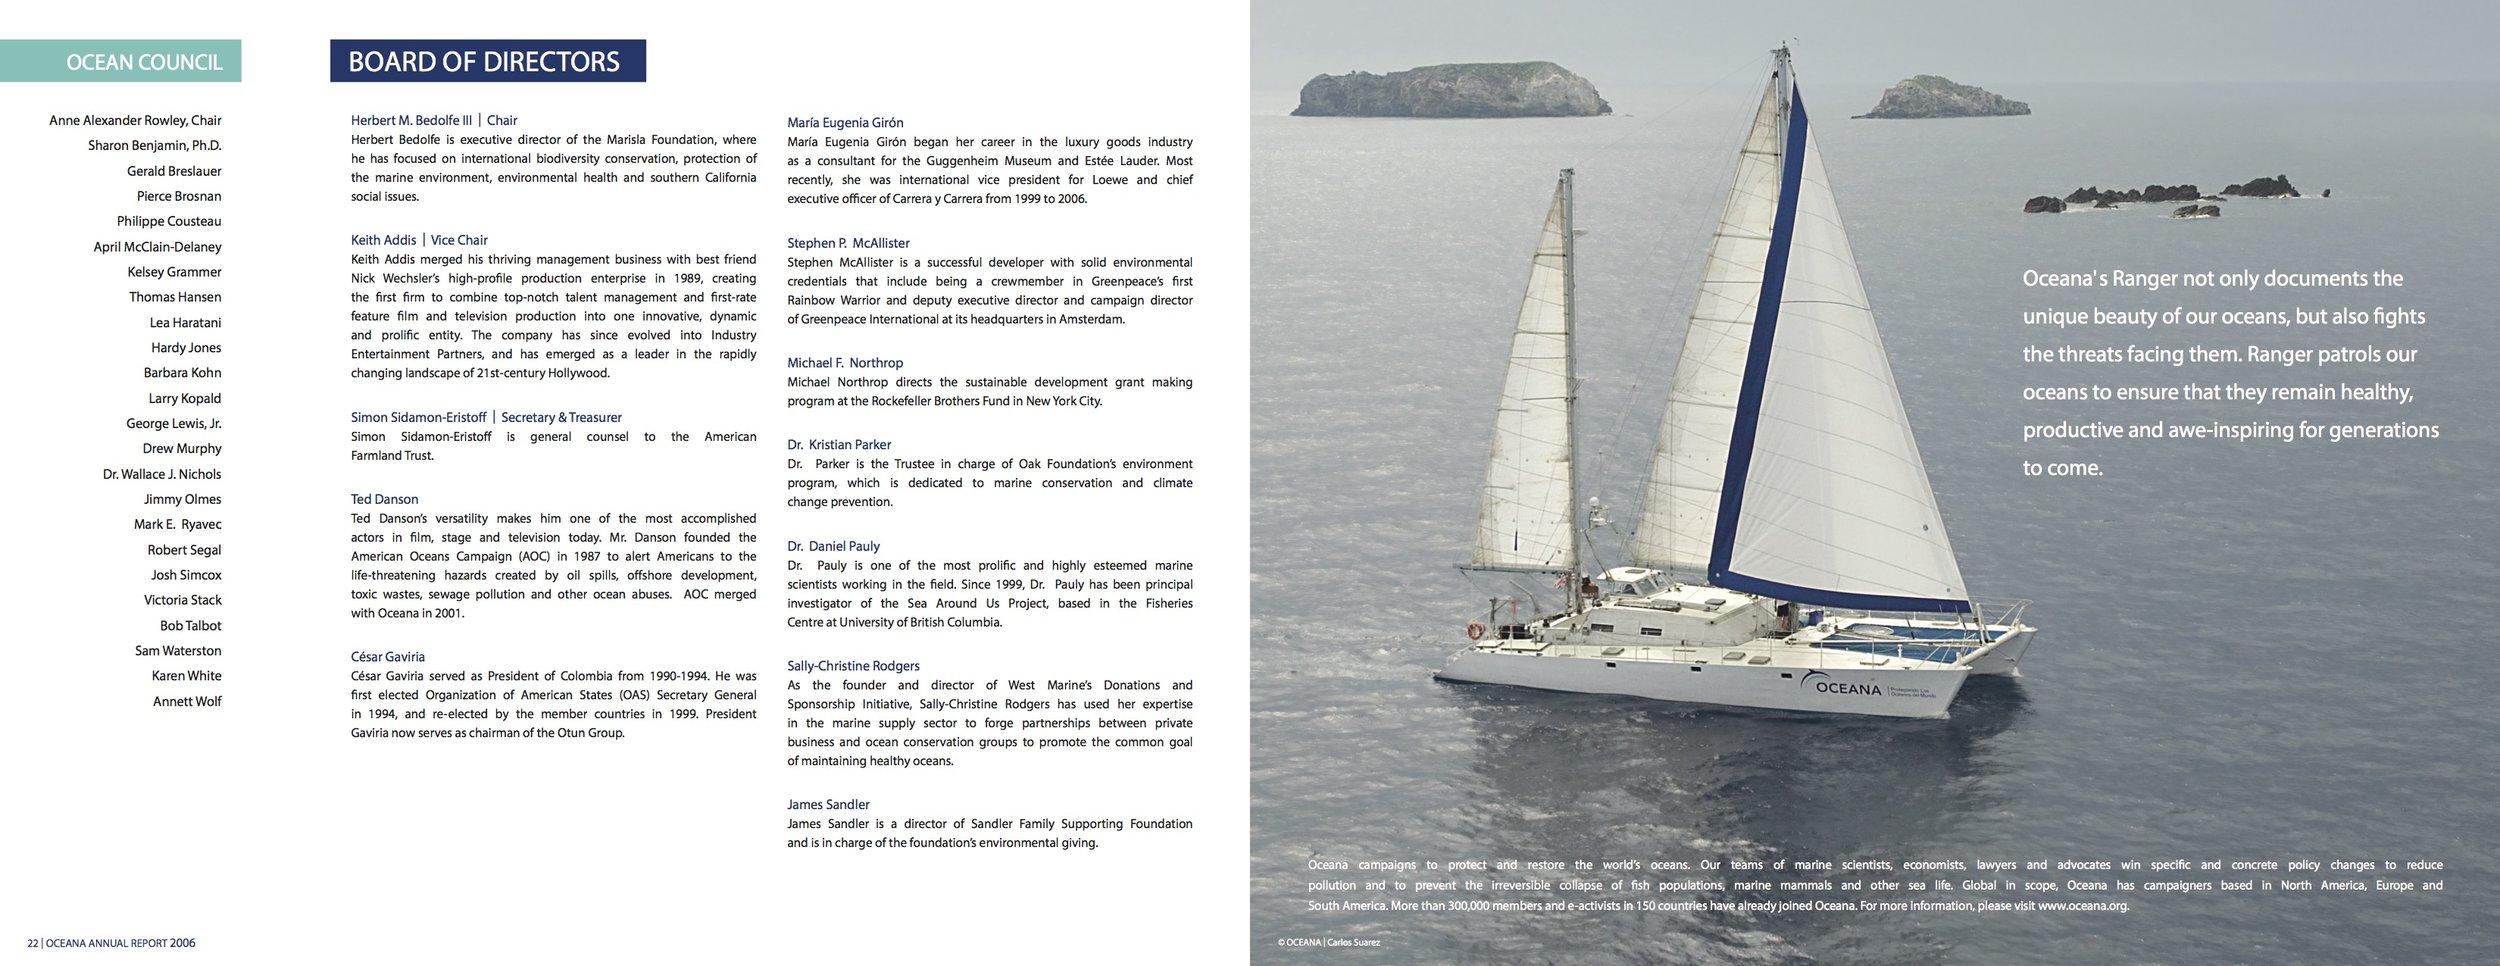 oceana_annualreport_high12.jpg